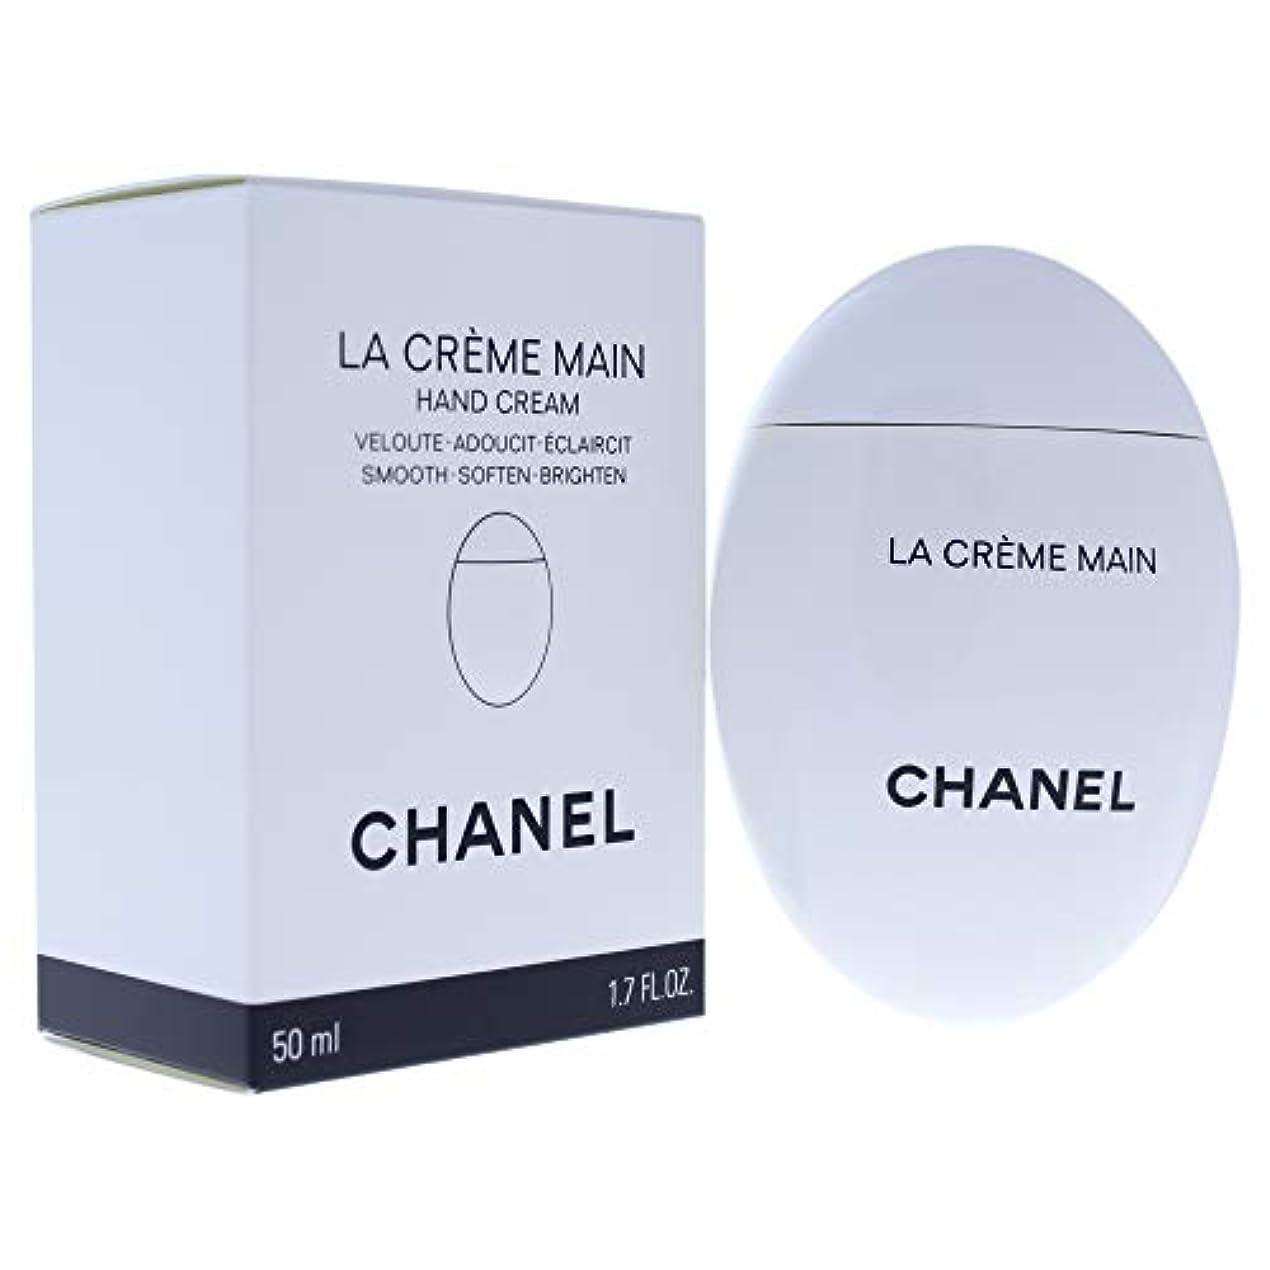 世界に死んだ質素な郊外CHANEL LA CRÈME MAIN シャネル ラ クレーム マン ハンドクリーム 50ml